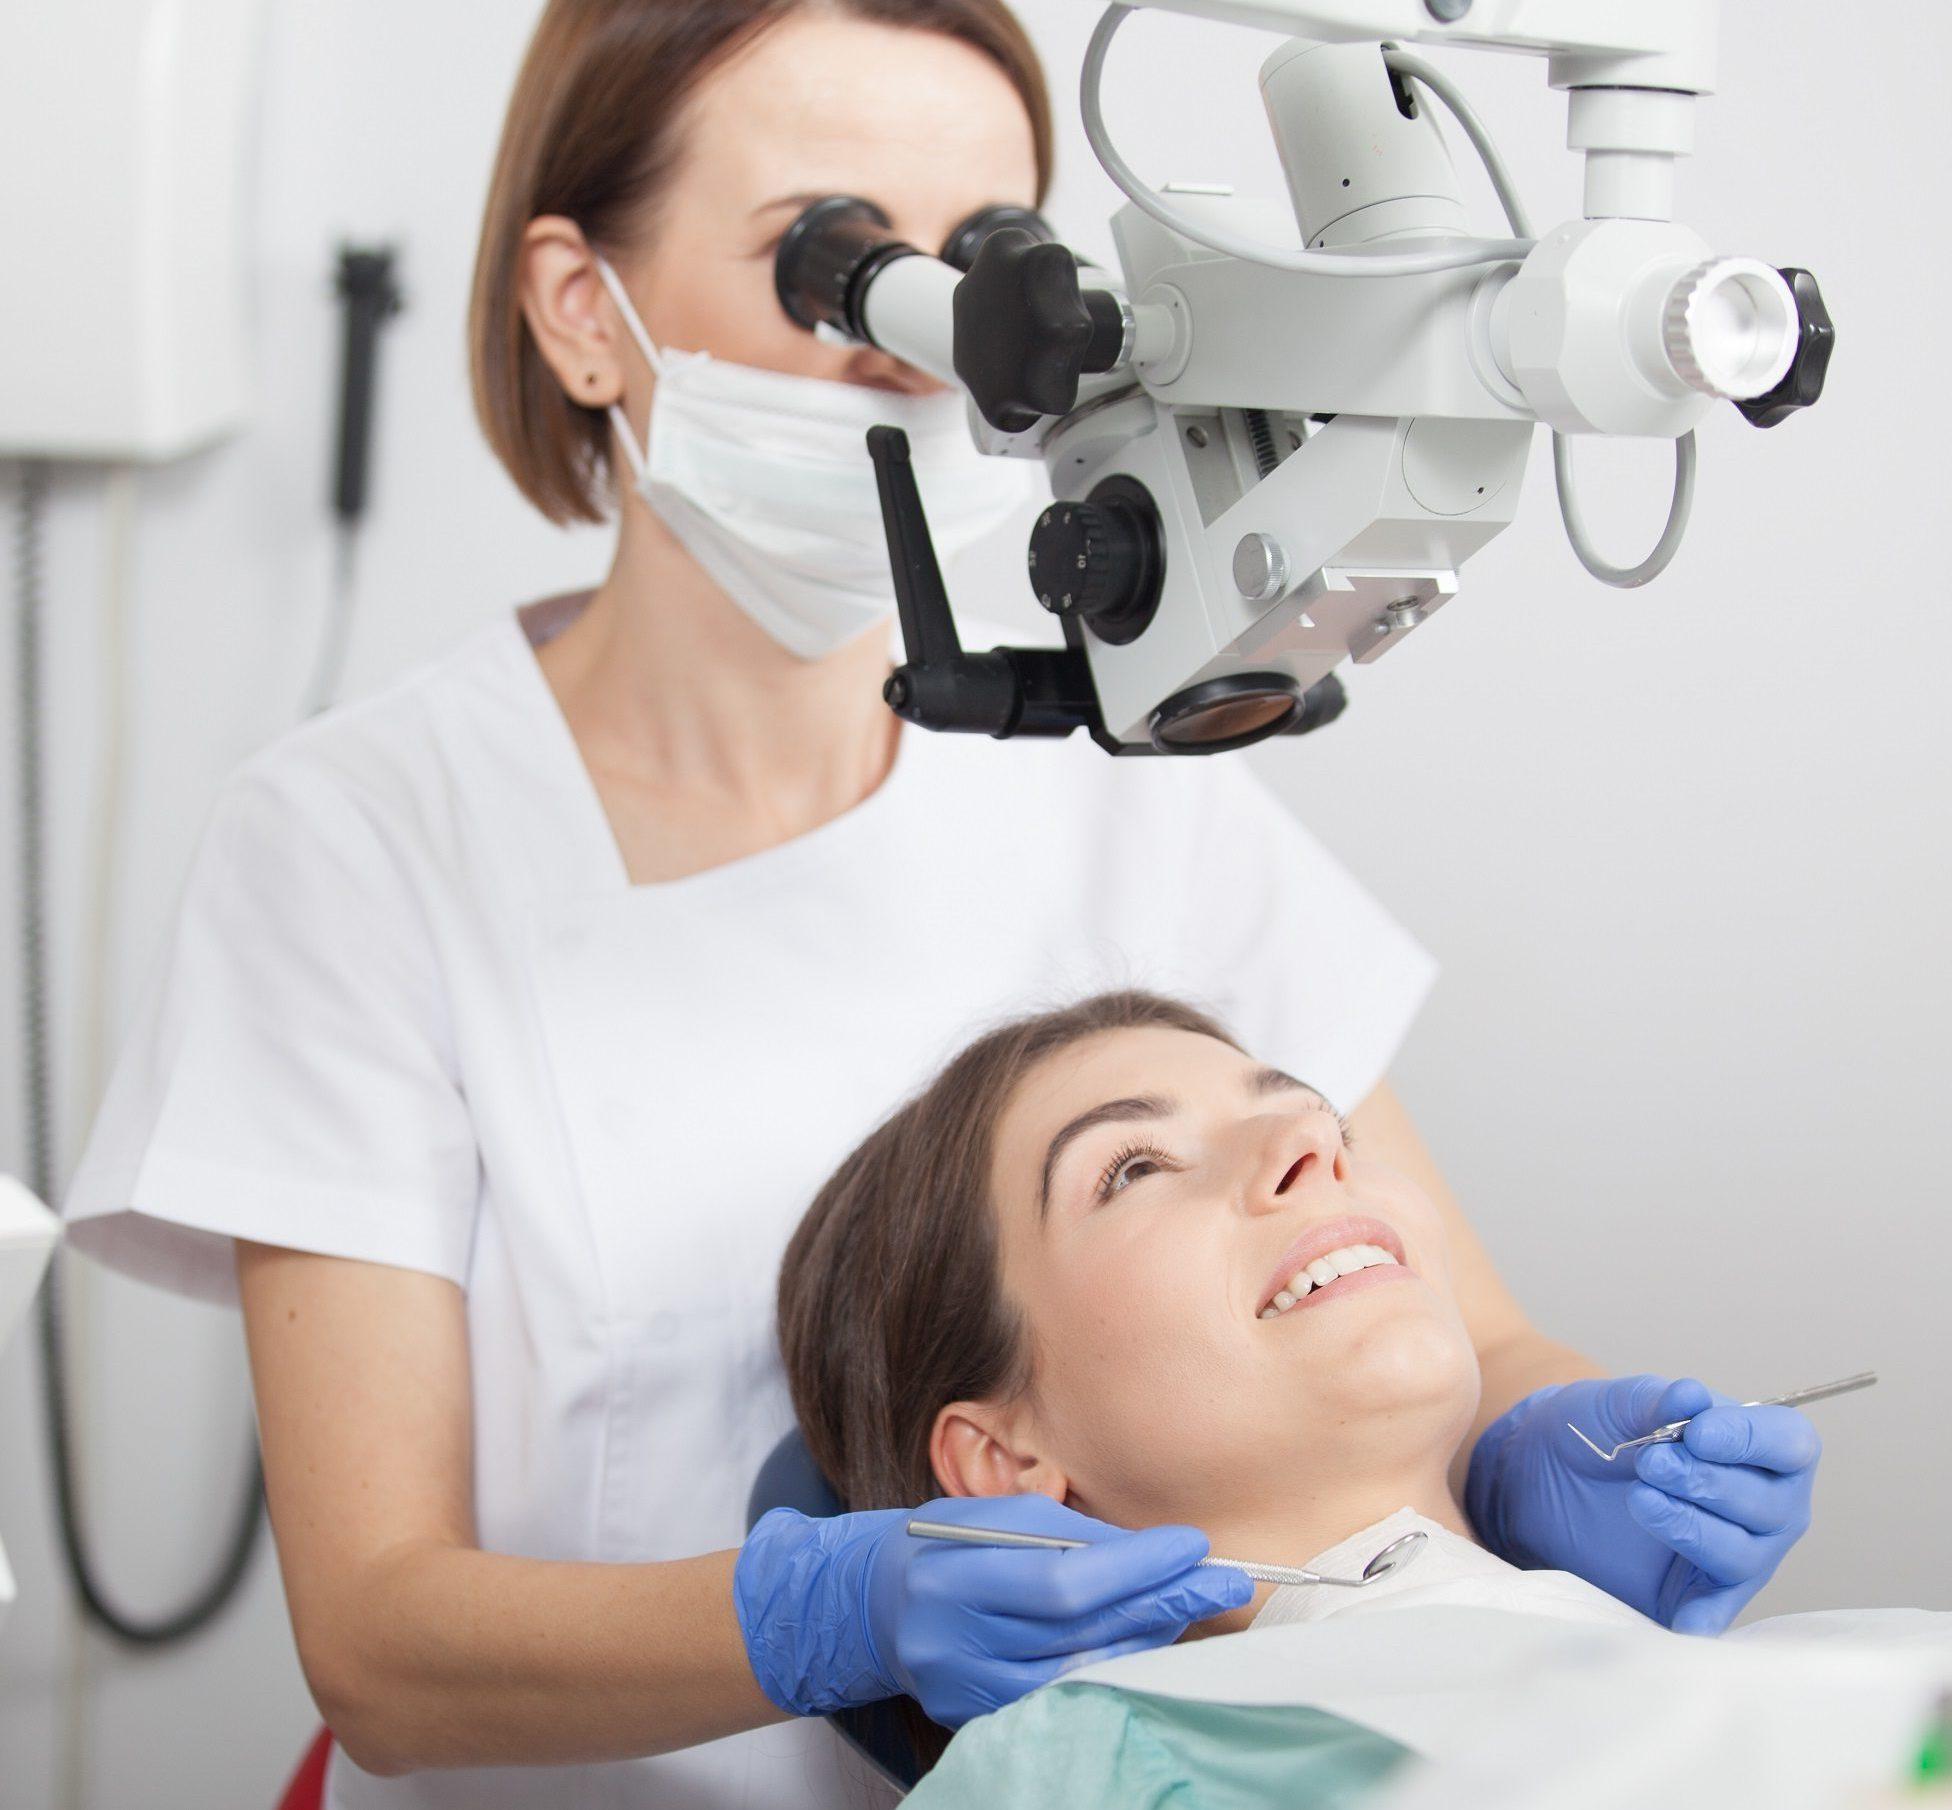 Leczenie w mikroskopie - jedna ze specjalizacji kliniki Dental Estetic